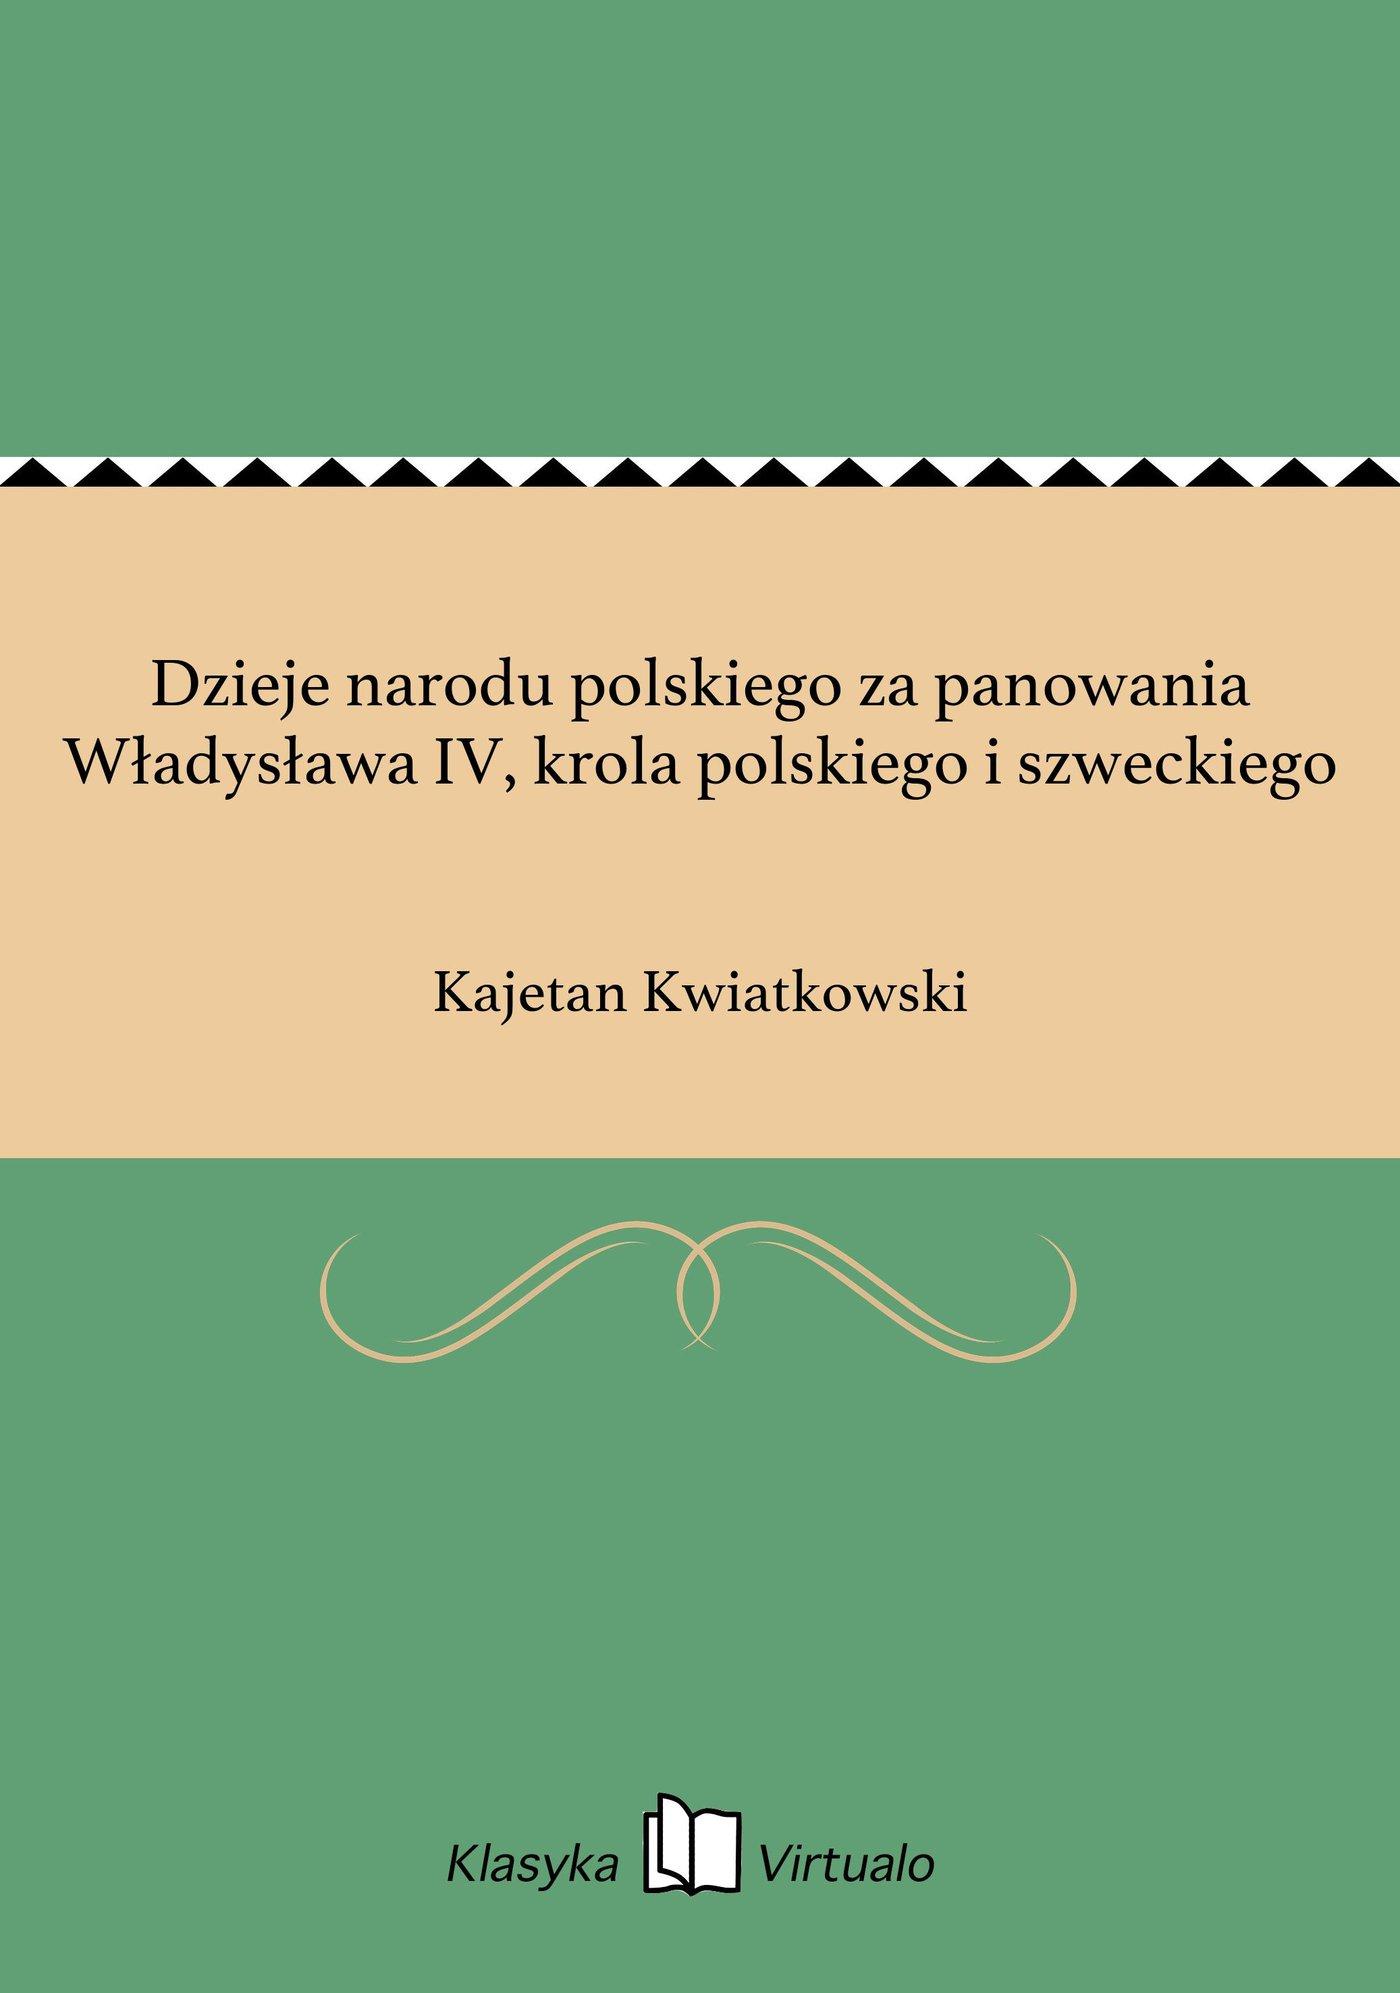 Dzieje narodu polskiego za panowania Władysława IV, krola polskiego i szweckiego - Ebook (Książka EPUB) do pobrania w formacie EPUB